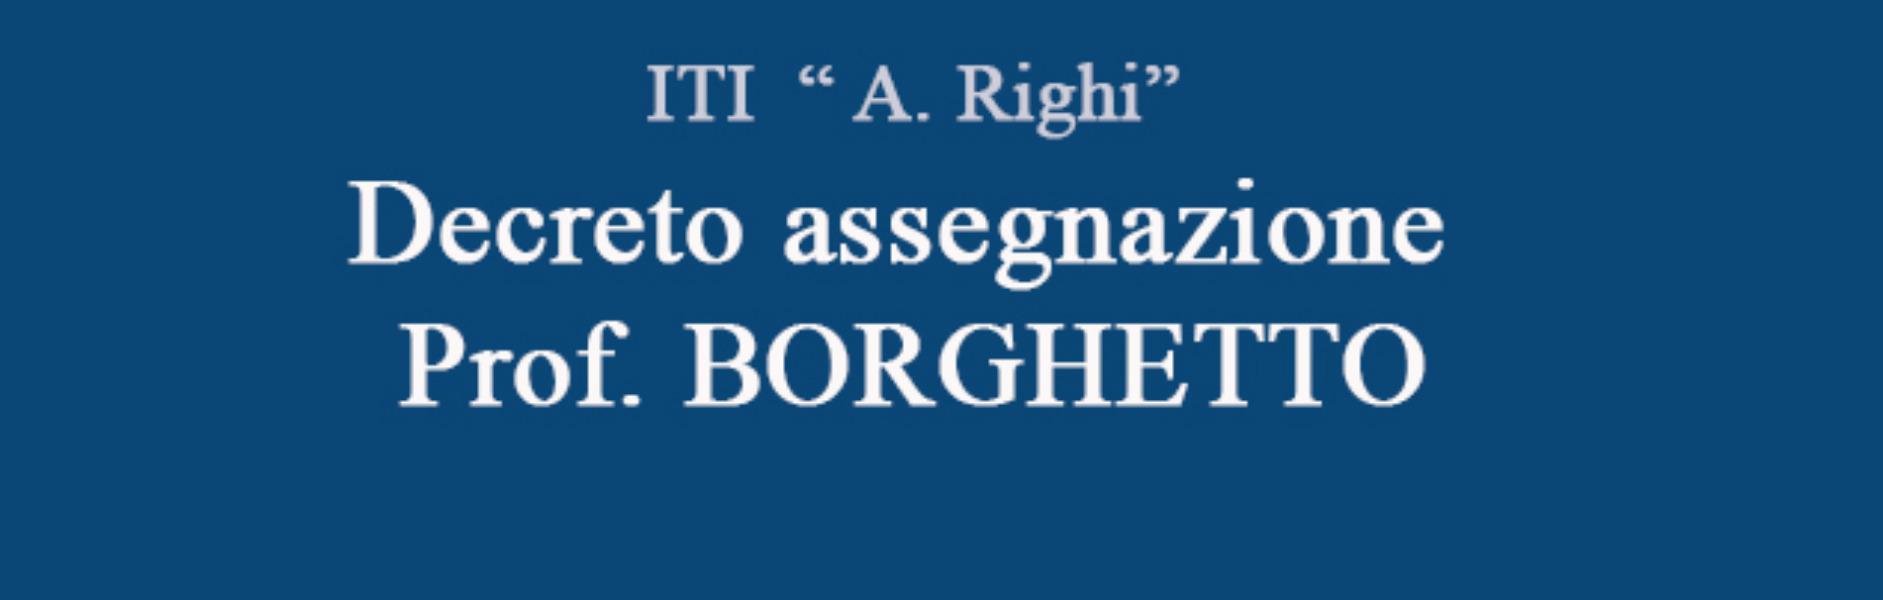 Decreto assegnazione Prof. BORGHETTO